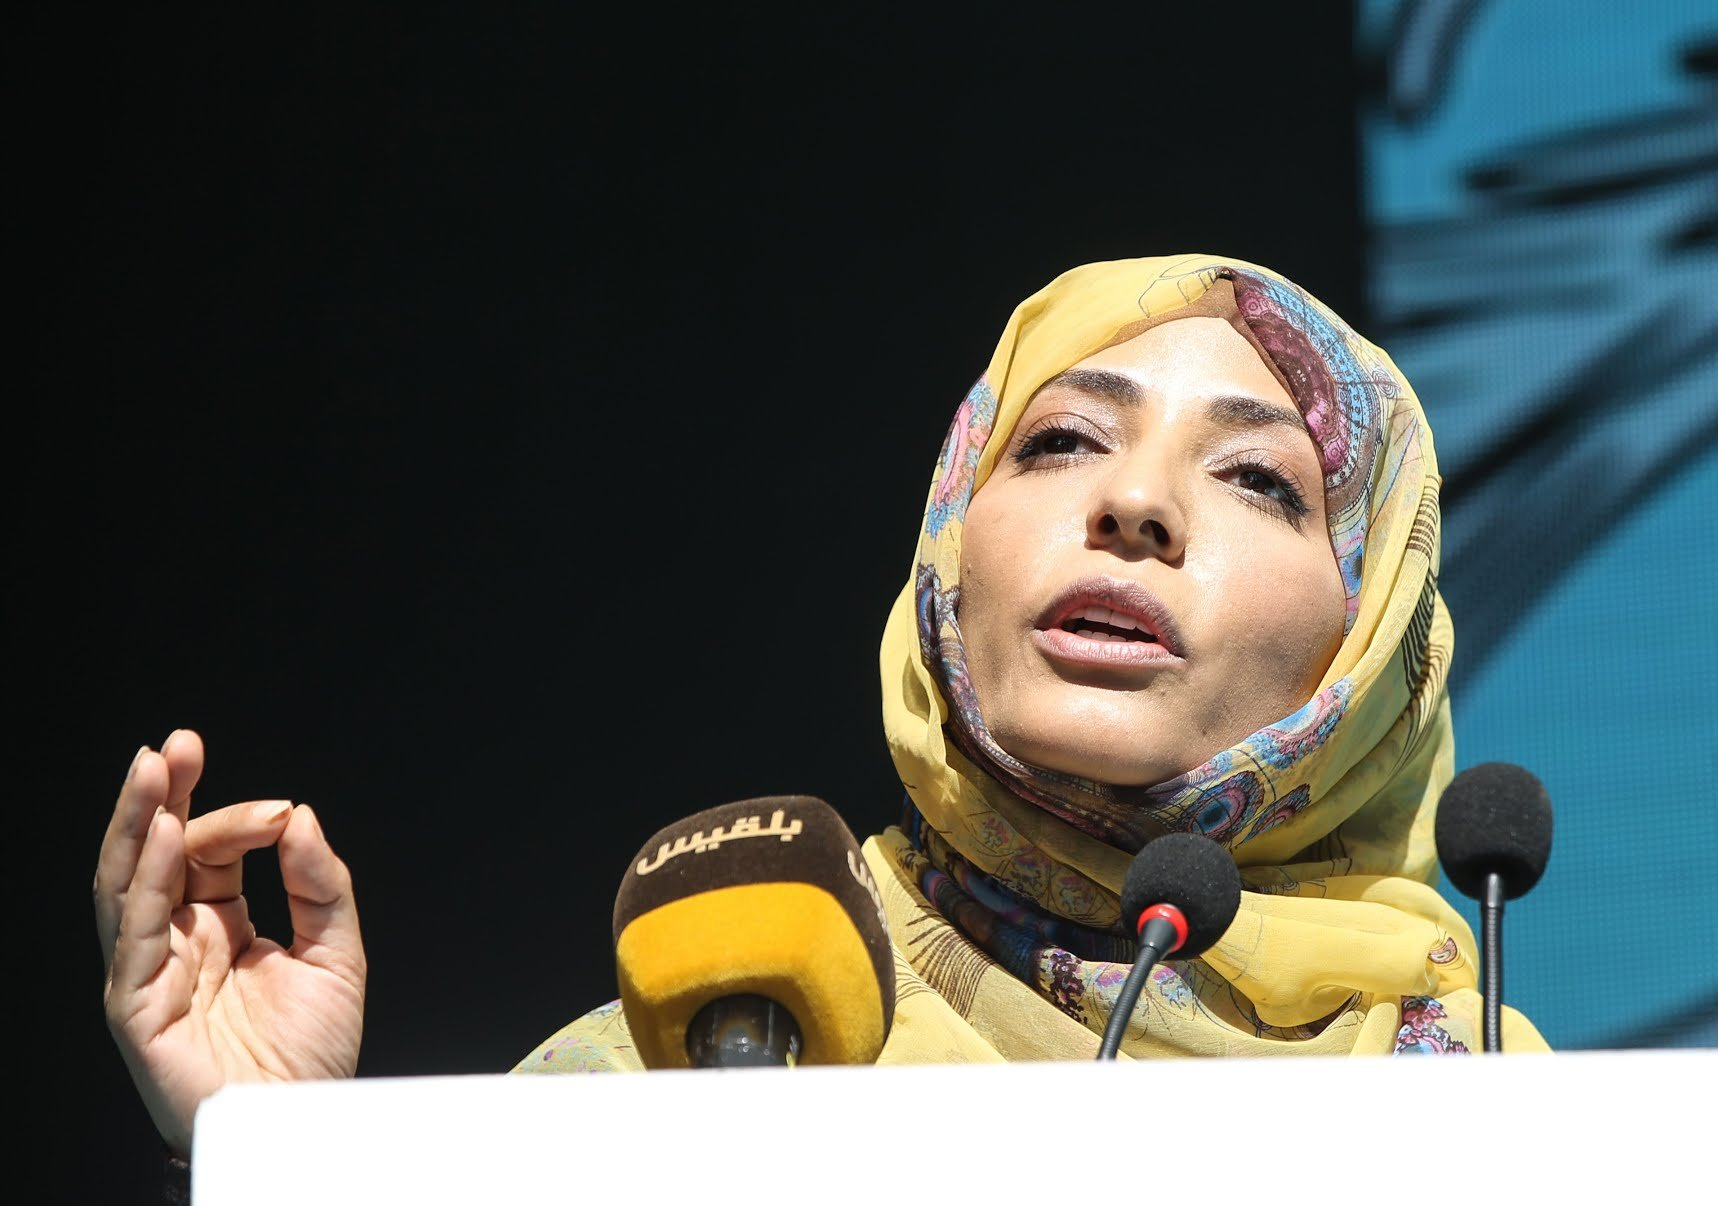 She Helped Launch Yemen's Revolution. 10 Years On, Tawakkol Karman Still Believes Change Is Possible